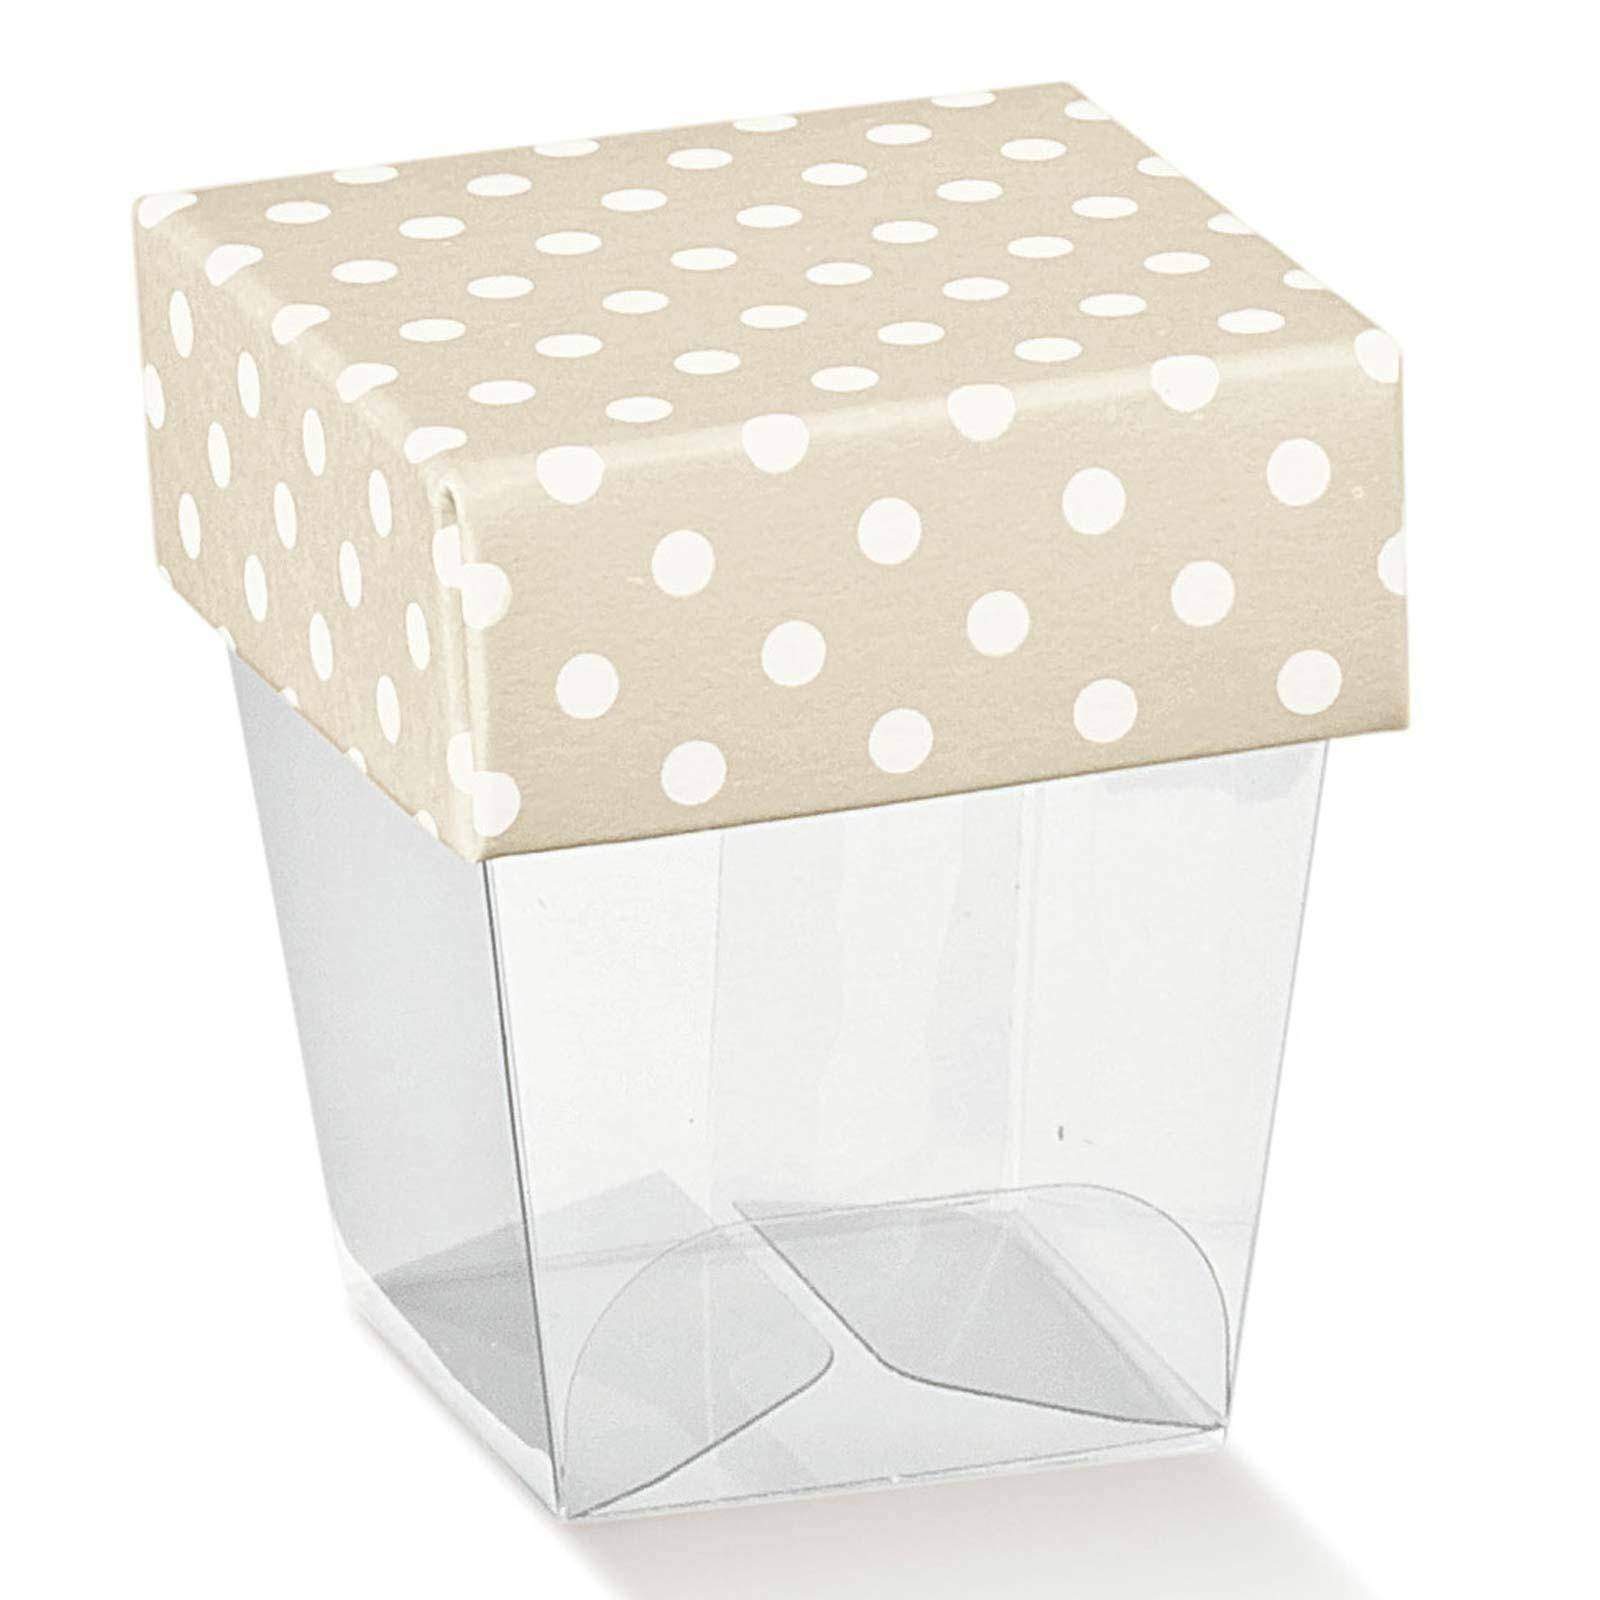 scotton spa bicchierino in pvc trasparente con coperchio atelier tortora 33x33x50 mm - 10 pz